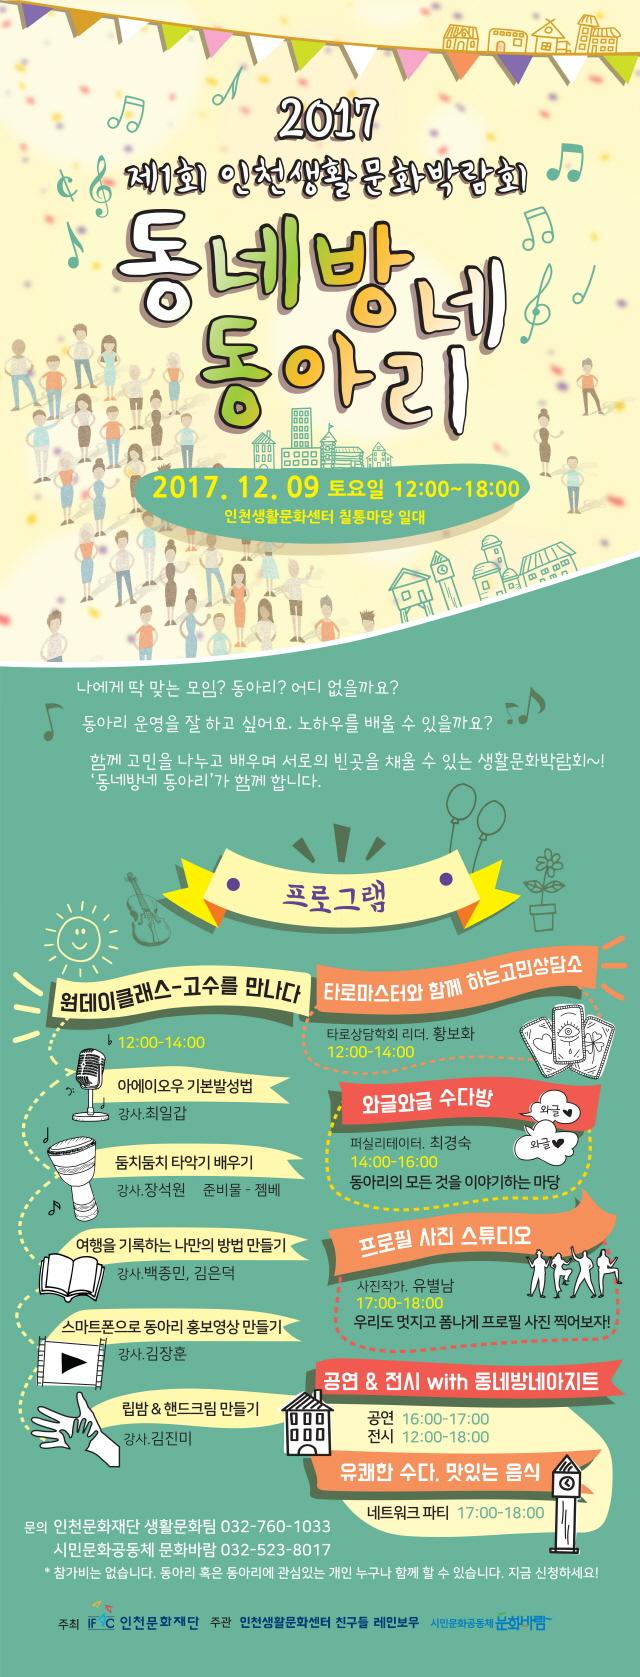 크기변환_제1회 생활문화박람회 웹자보.jpg